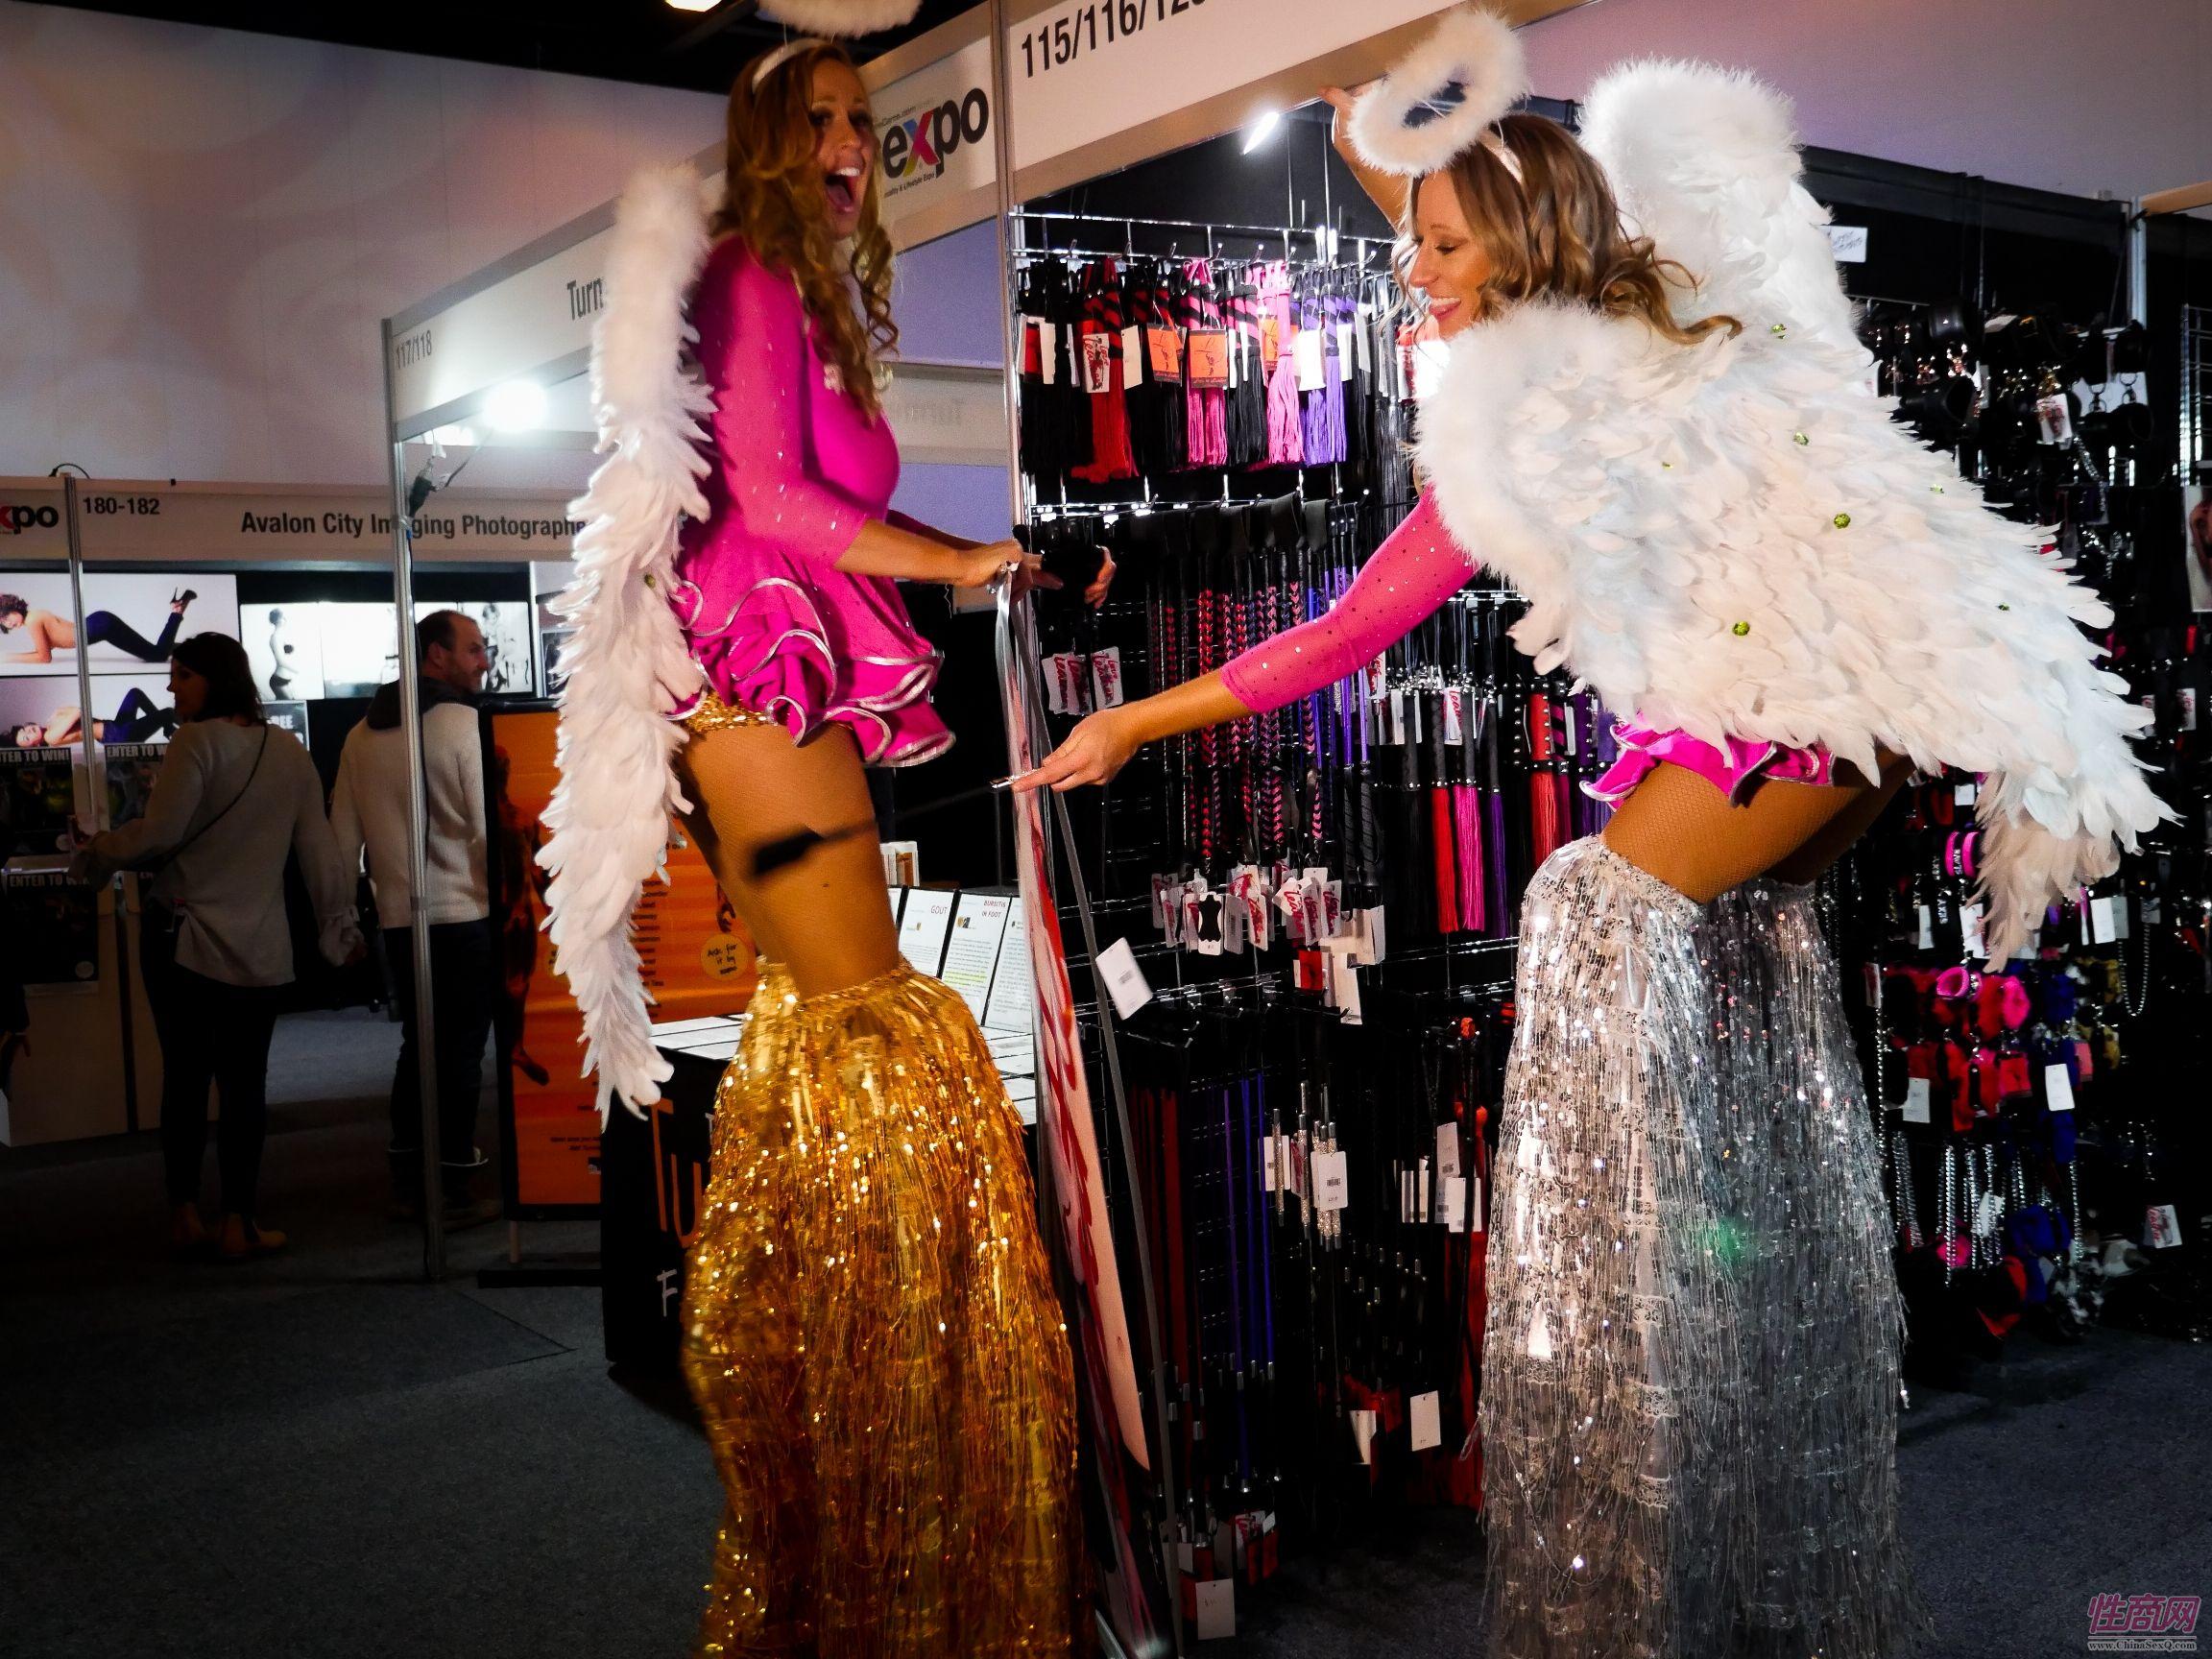 两位女模特踩着高跷在展馆里穿梭